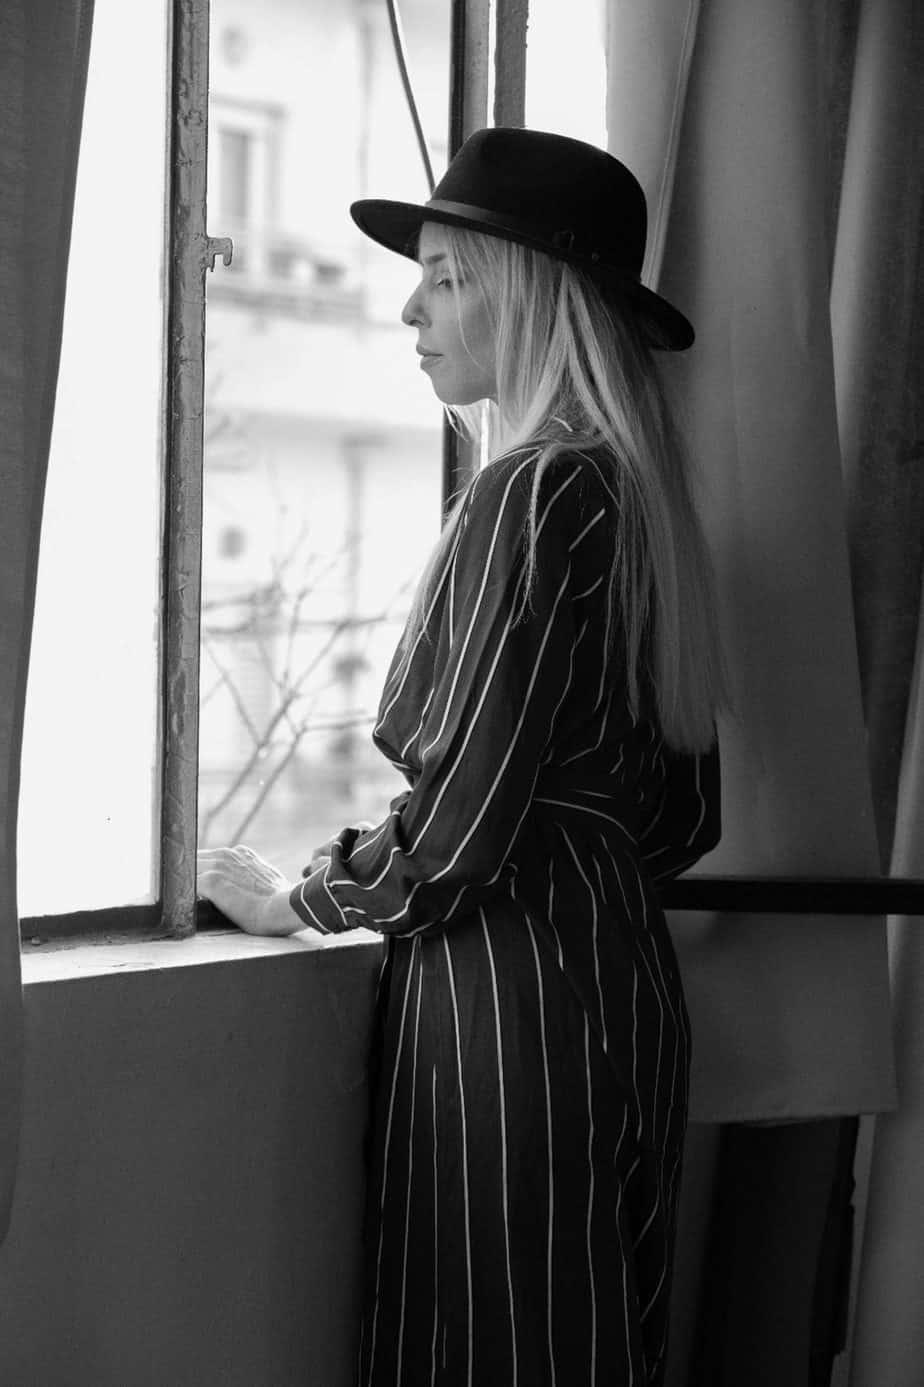 אורנה רביצקי, צילום שלומית איציק - 1